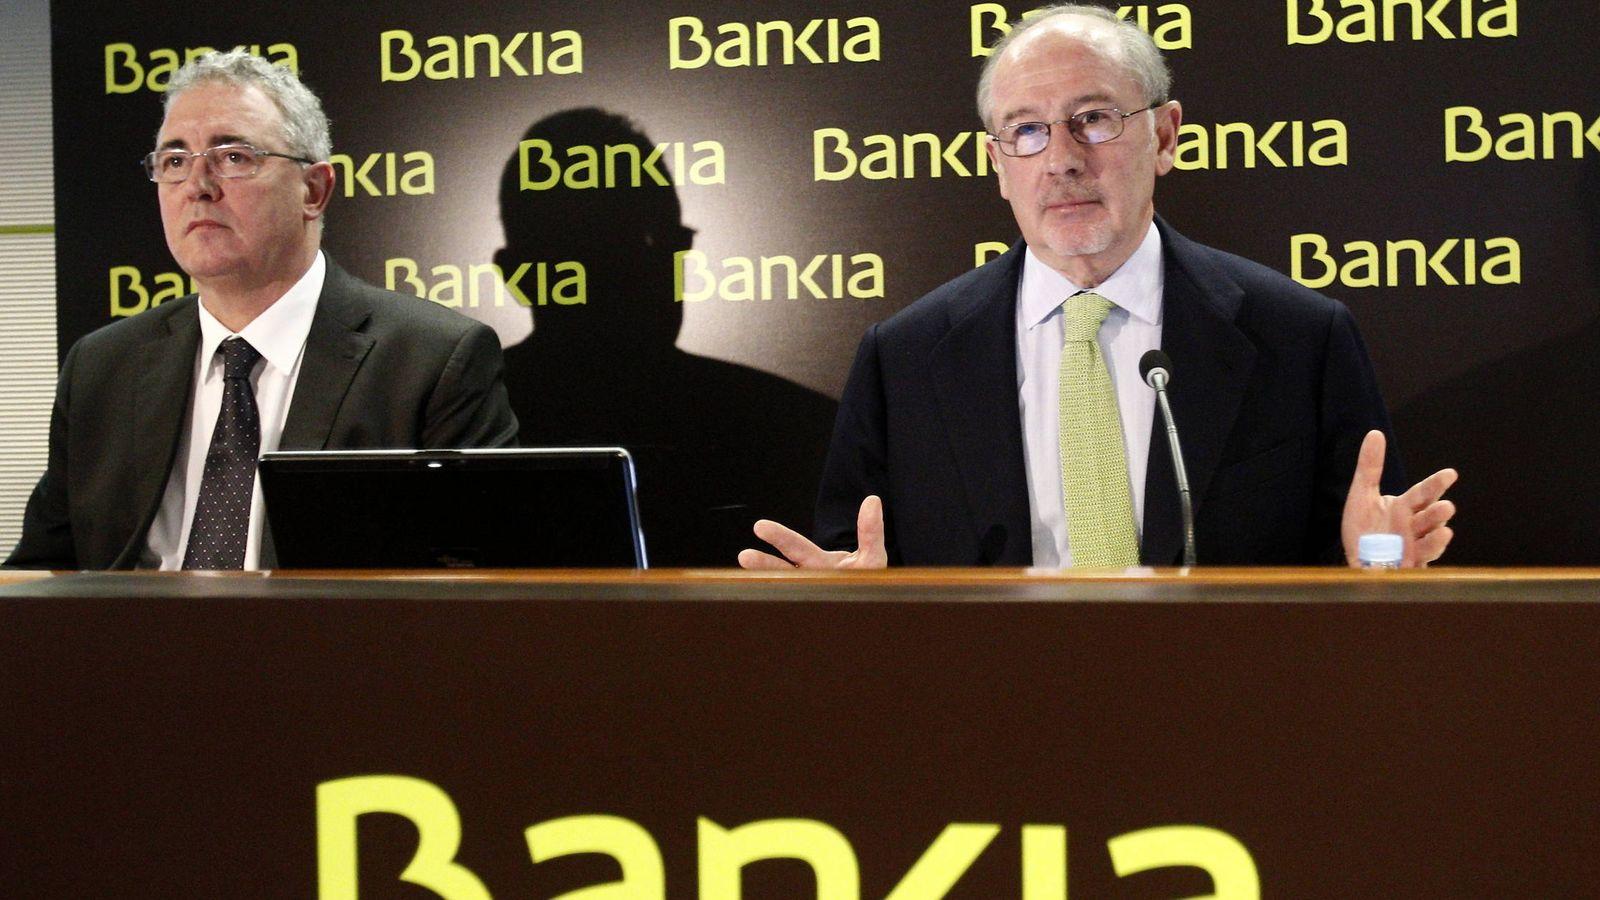 Foto: Francisco Verdú (izda.) y Rodrigo Rato en 2012, cuando eran los dos primeros ejecutivos de Bankia. (EFE)